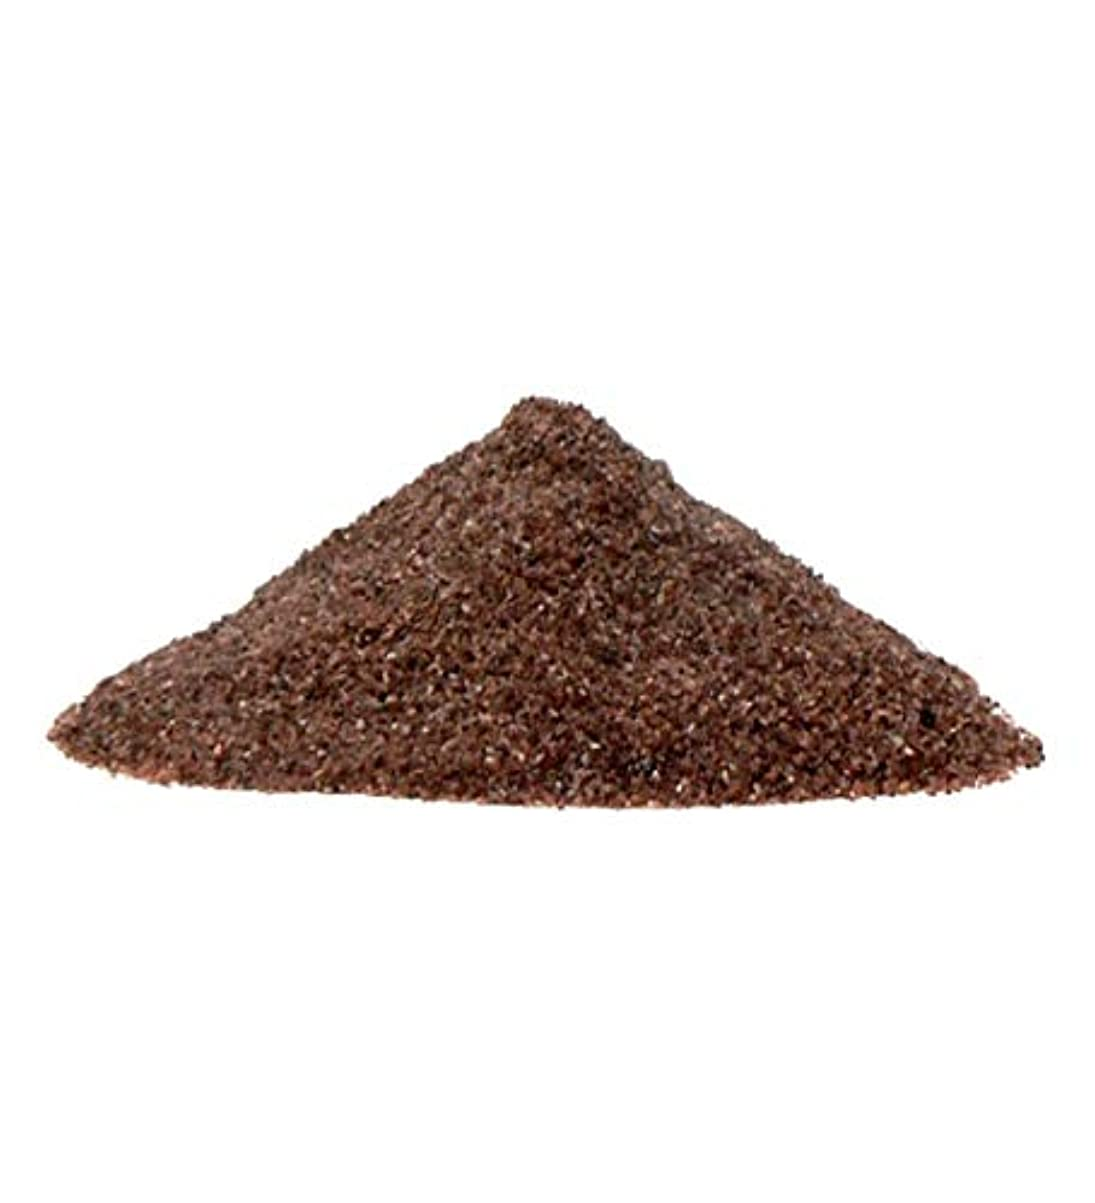 失望フレッシュ好み増量中!ヒマラヤ岩塩 ブラックソルト 入浴用 バスソルト (微粒パウダー) 黒岩塩 (3kg+500g増量)